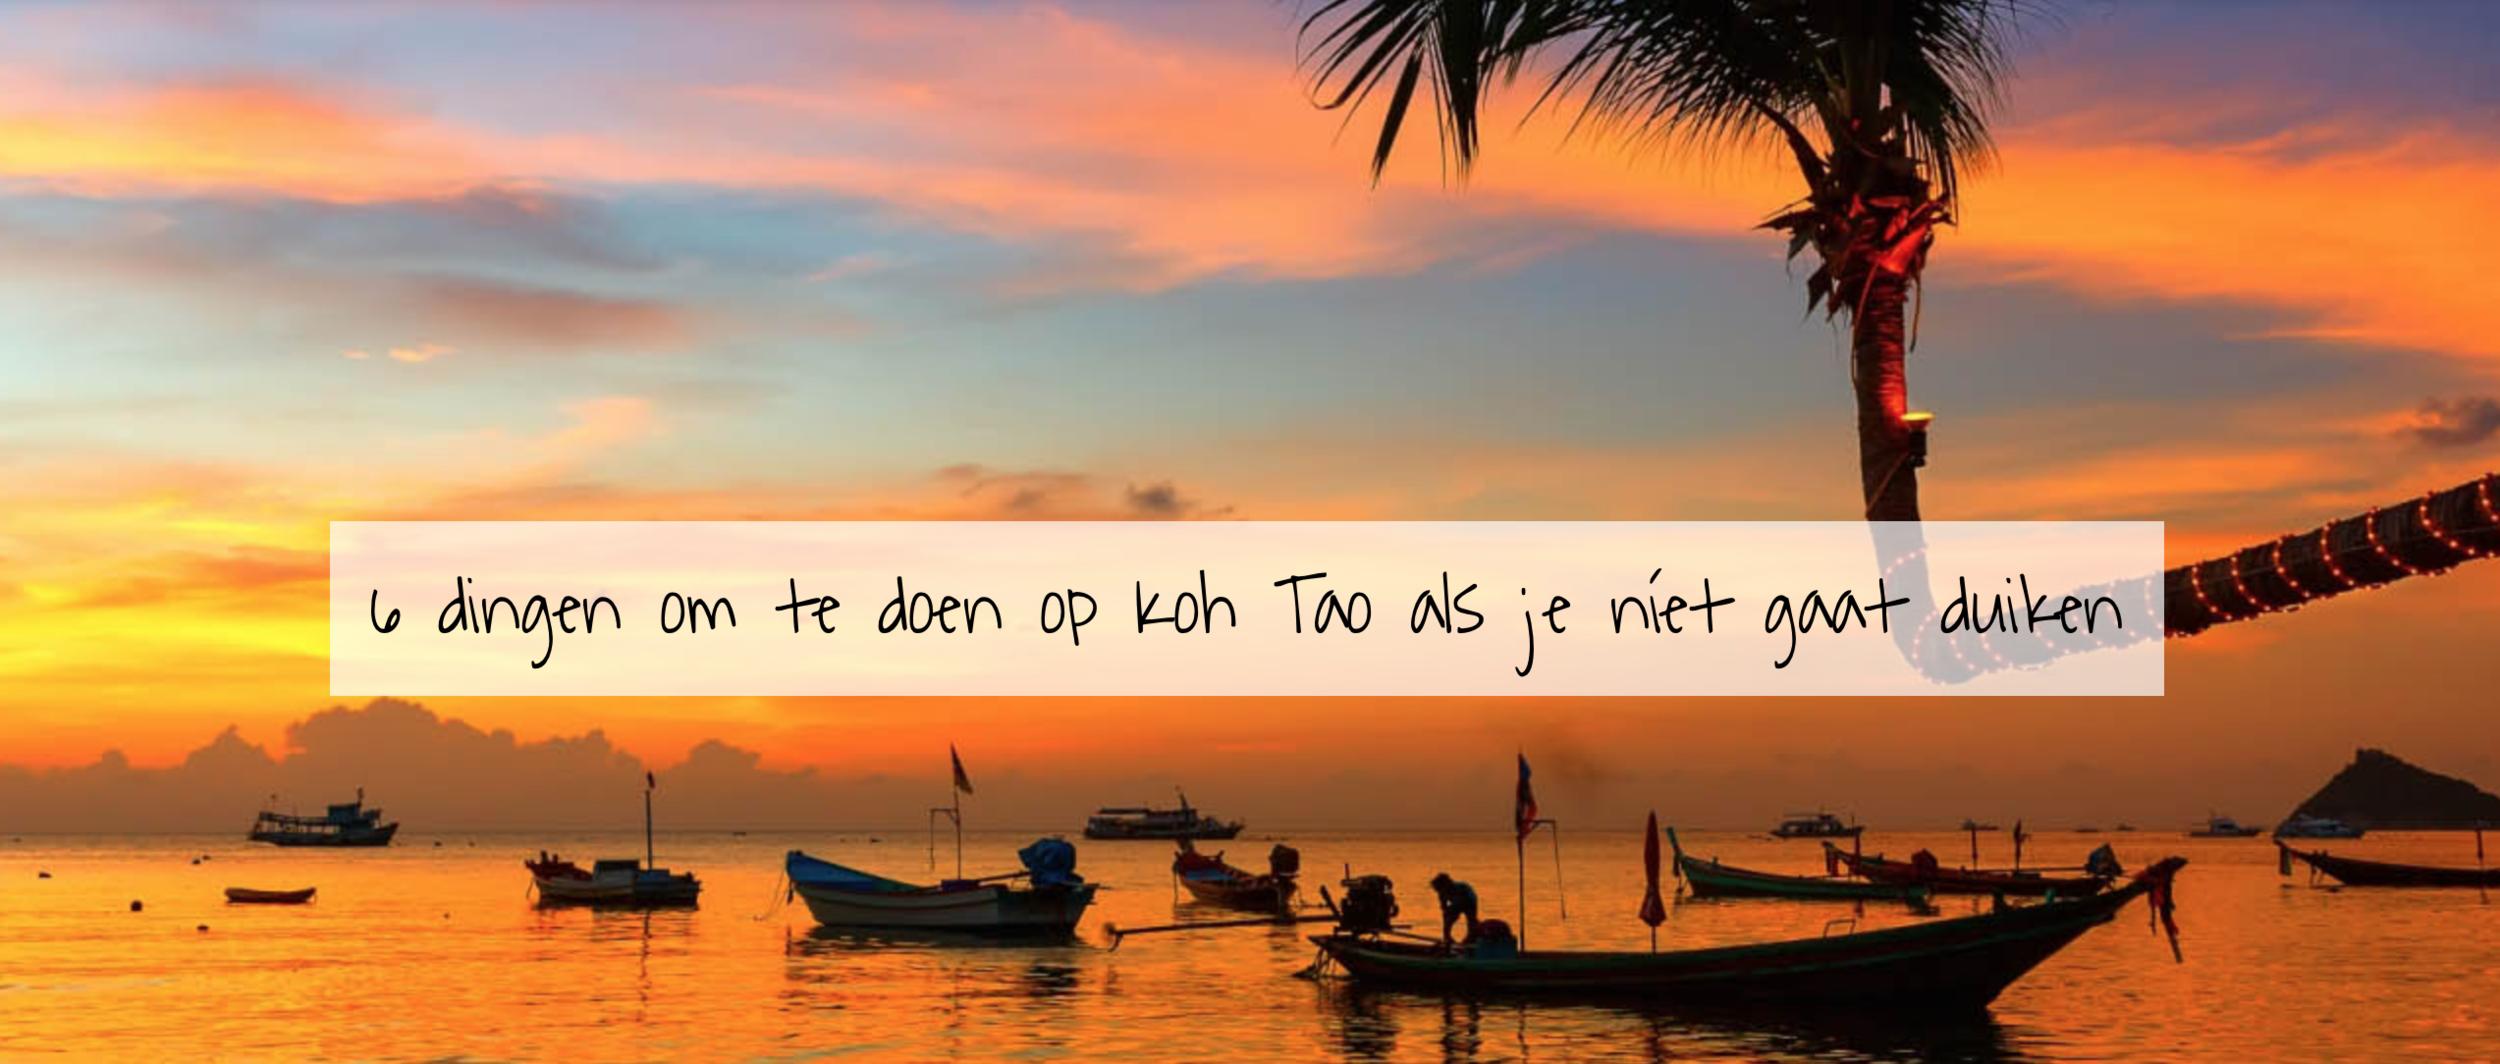 6 dingen om te doen op koh tao als je niet gaat duiken - Het Thaise eilandje Koh Tao staat bekend als duikparadijs – nergens ter wereld zijn zo veel duikscholen op zo weinig vierkante kilometer. Toch is er ook voor de mensen die géén behoefte hebben aan duiken genoeg te beleven. Zes leuke to-do's op het eiland.